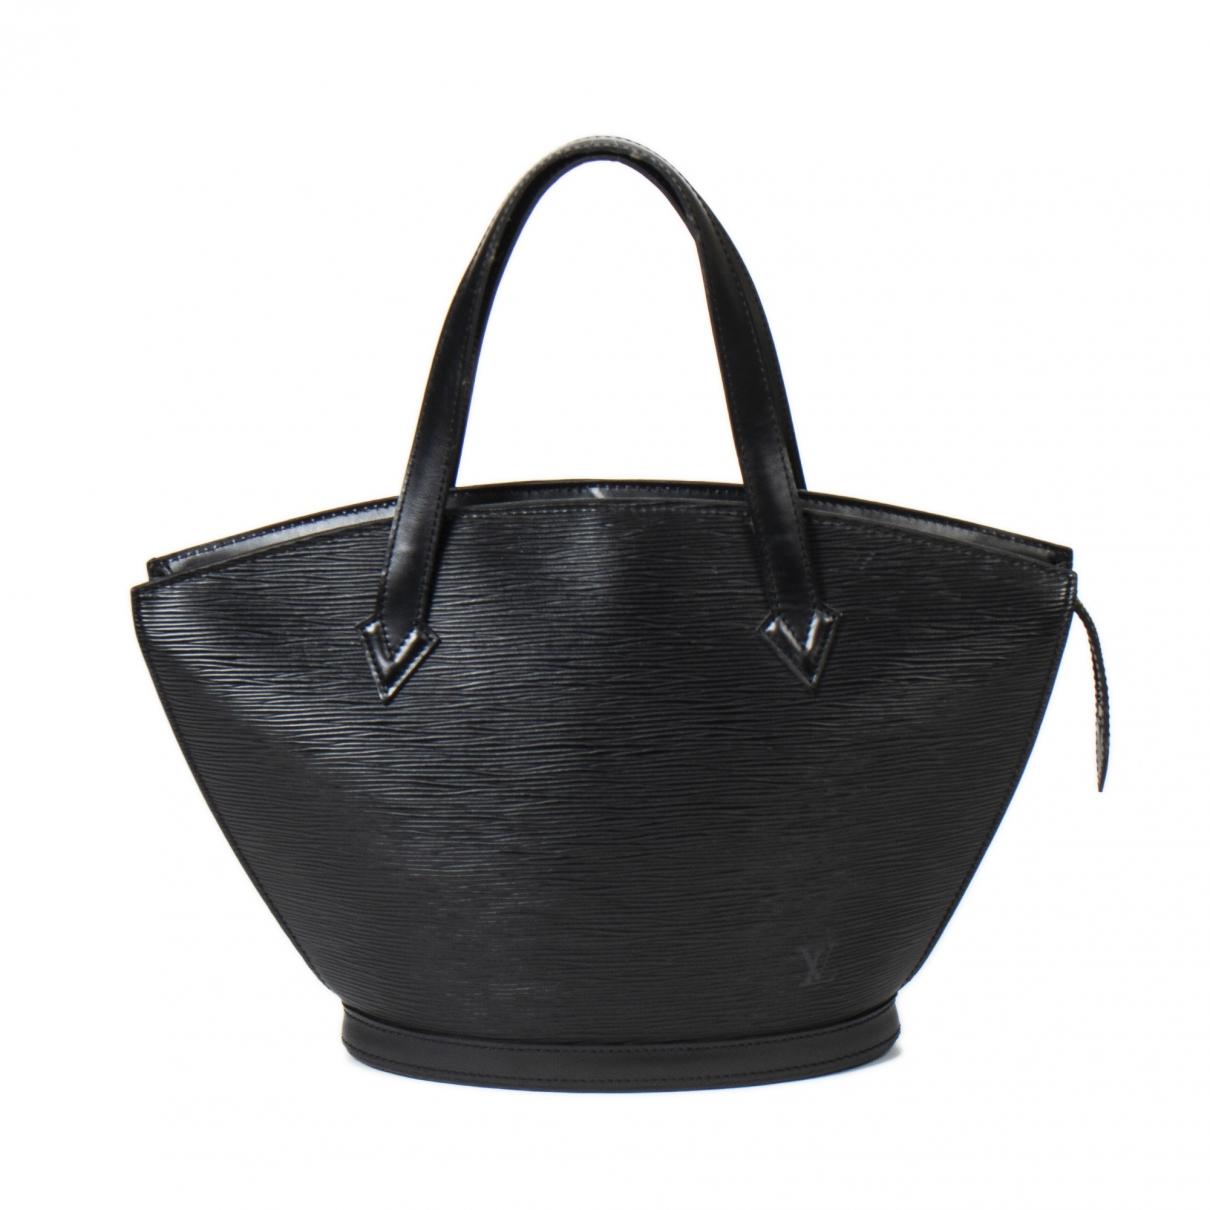 Louis Vuitton - Sac a main Saint Jacques pour femme en cuir - noir